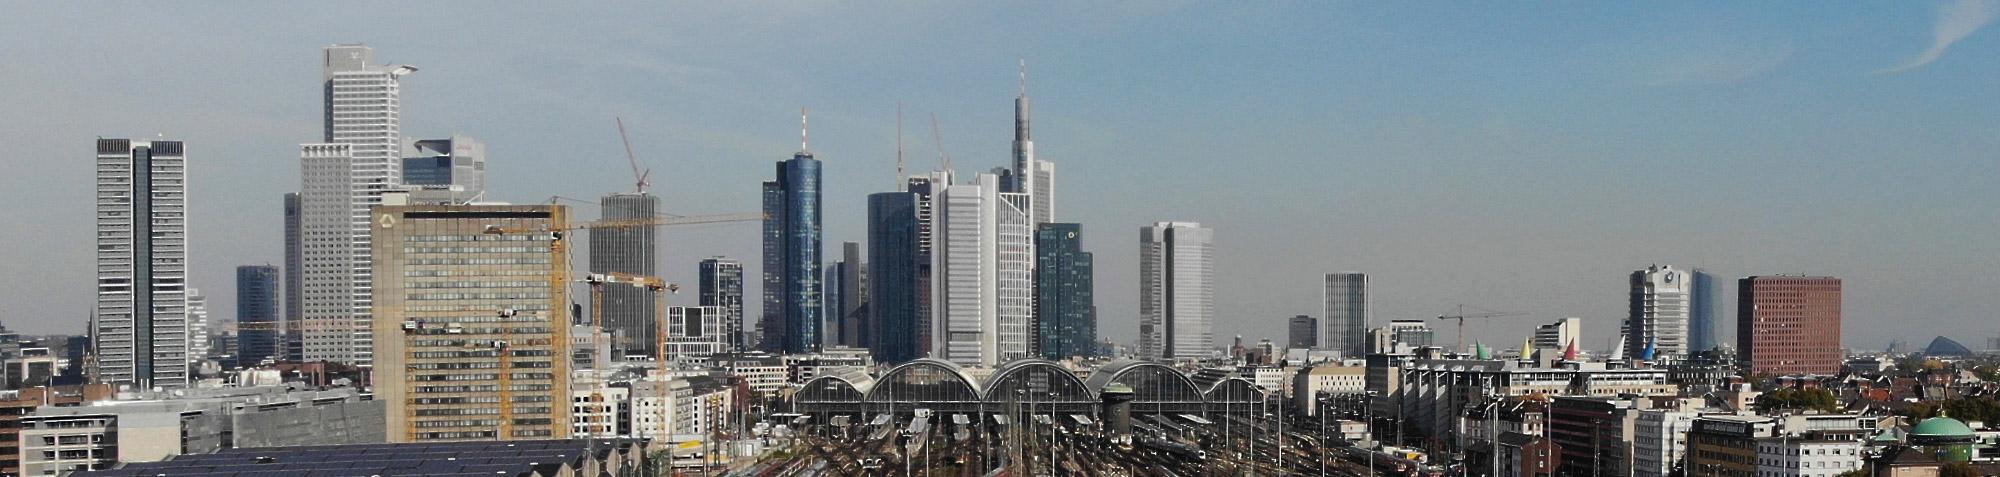 Wann wird Frankfurt zur Millionenstadt?